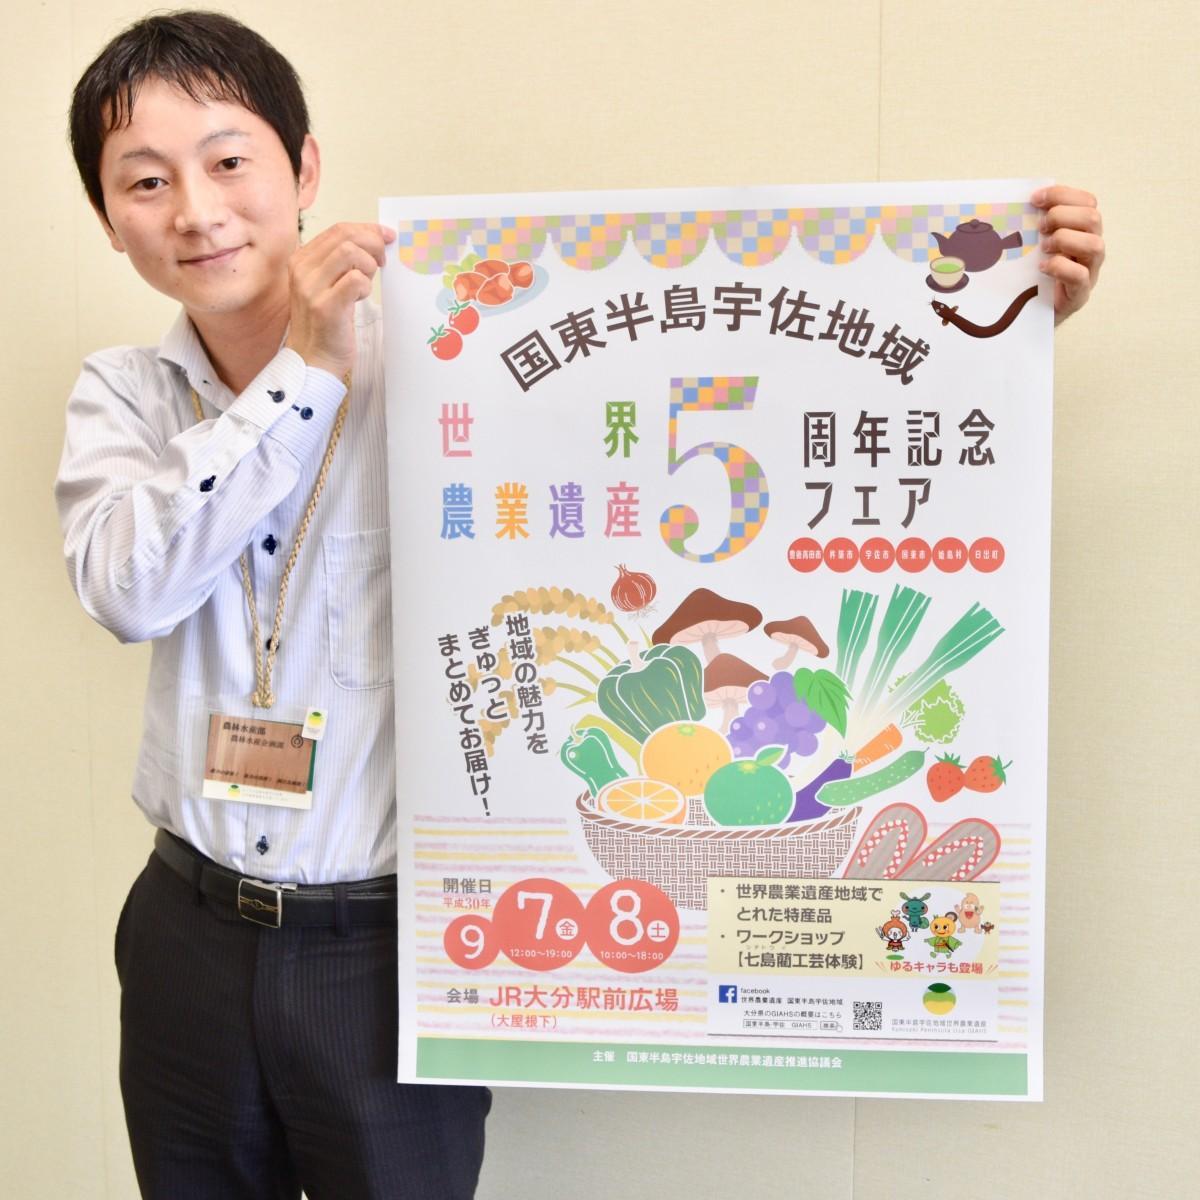 世界農業遺産5周年記念フェアのポスター